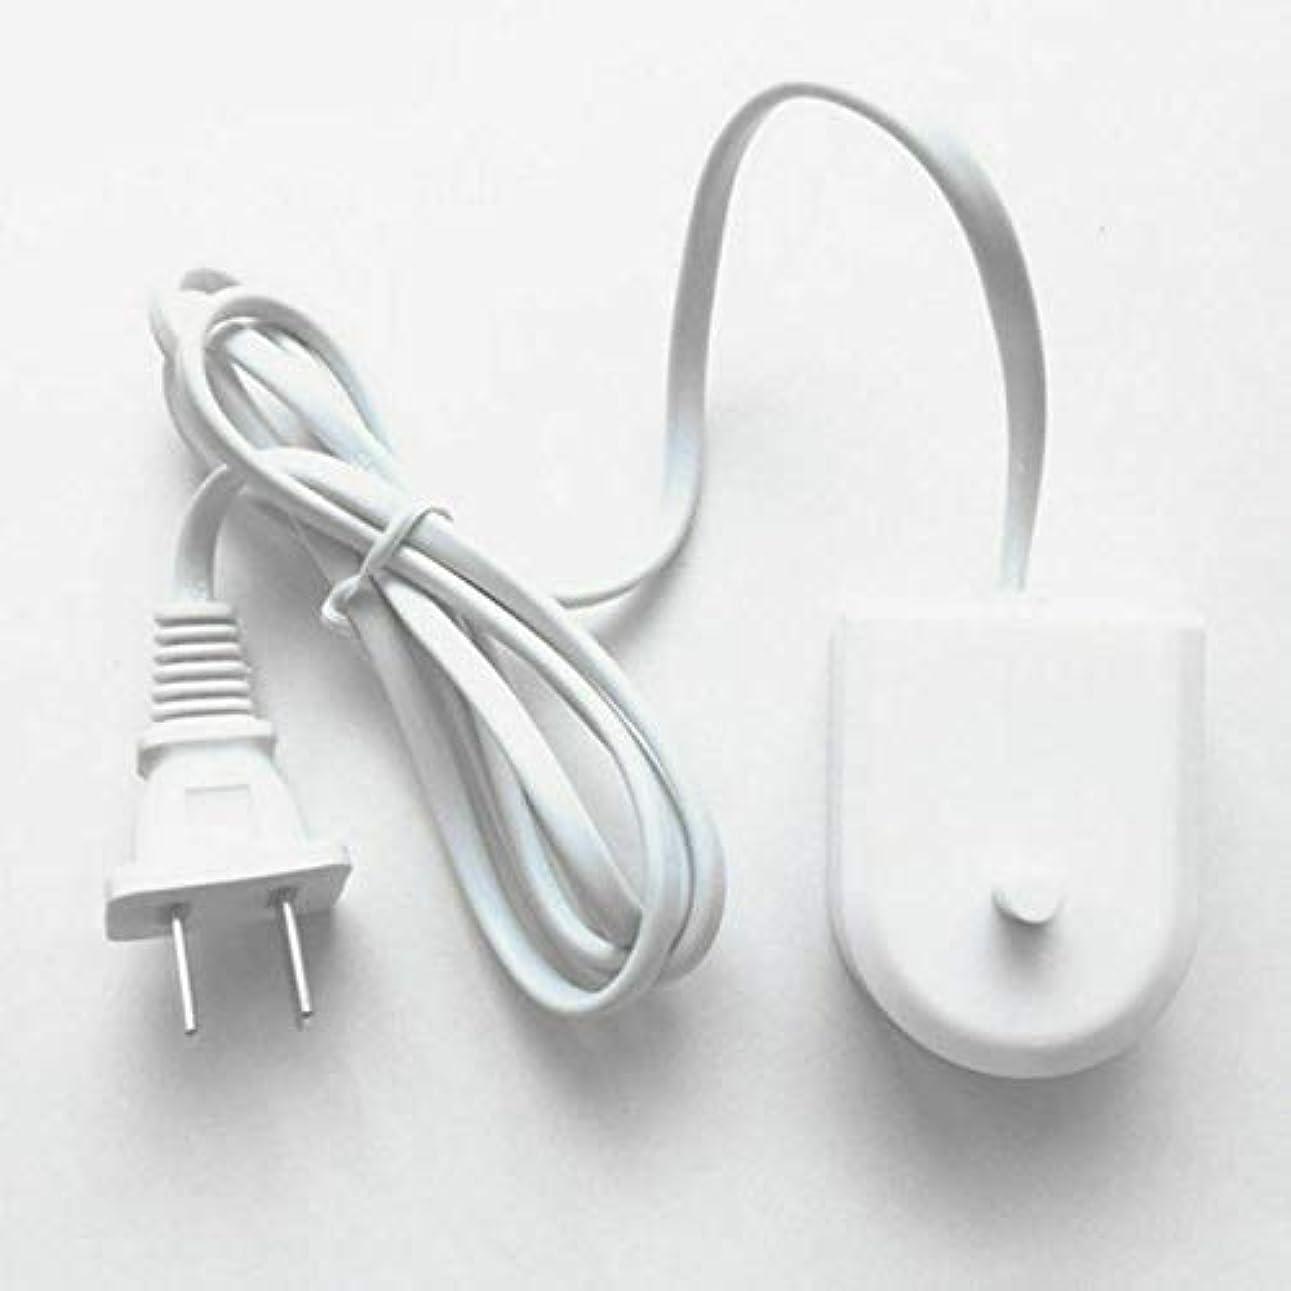 リベラルぶどう倍率Philips sonicare 電動歯ブラシ専用 携帯用小型充電器 フィリップス ソニッケアー音波電動歯ブラシ 充電器 [並行輸入品]